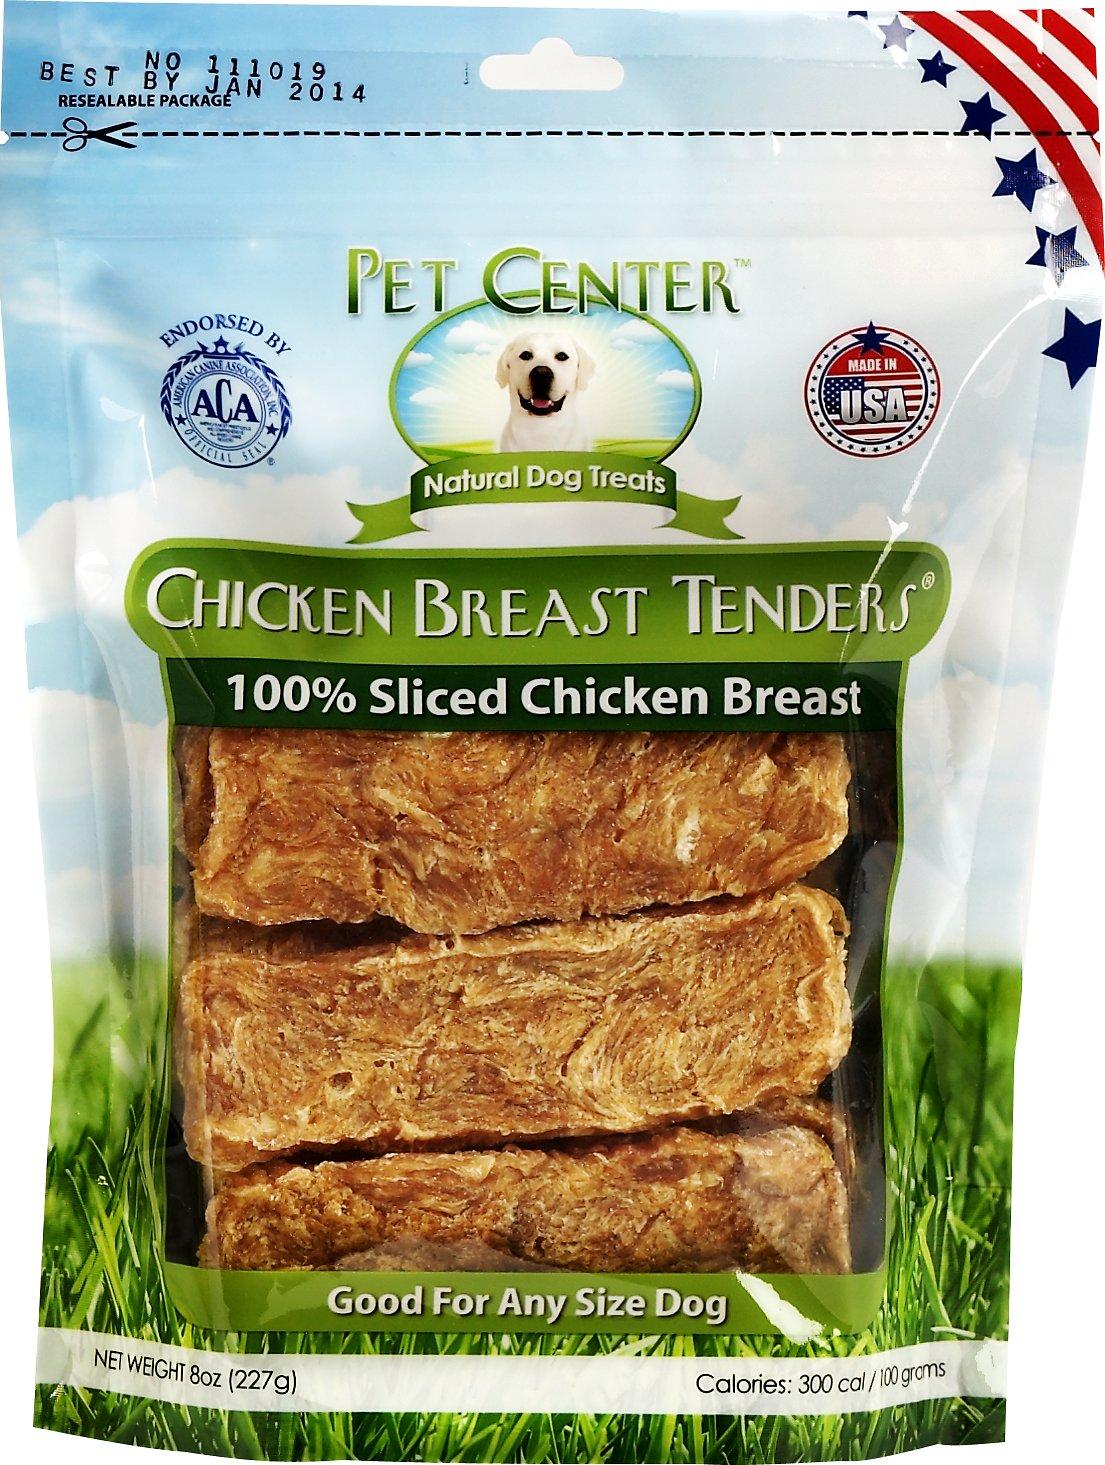 Pet Center Sliced Chicken Breast Tenders Dog Treats, 8-oz bag